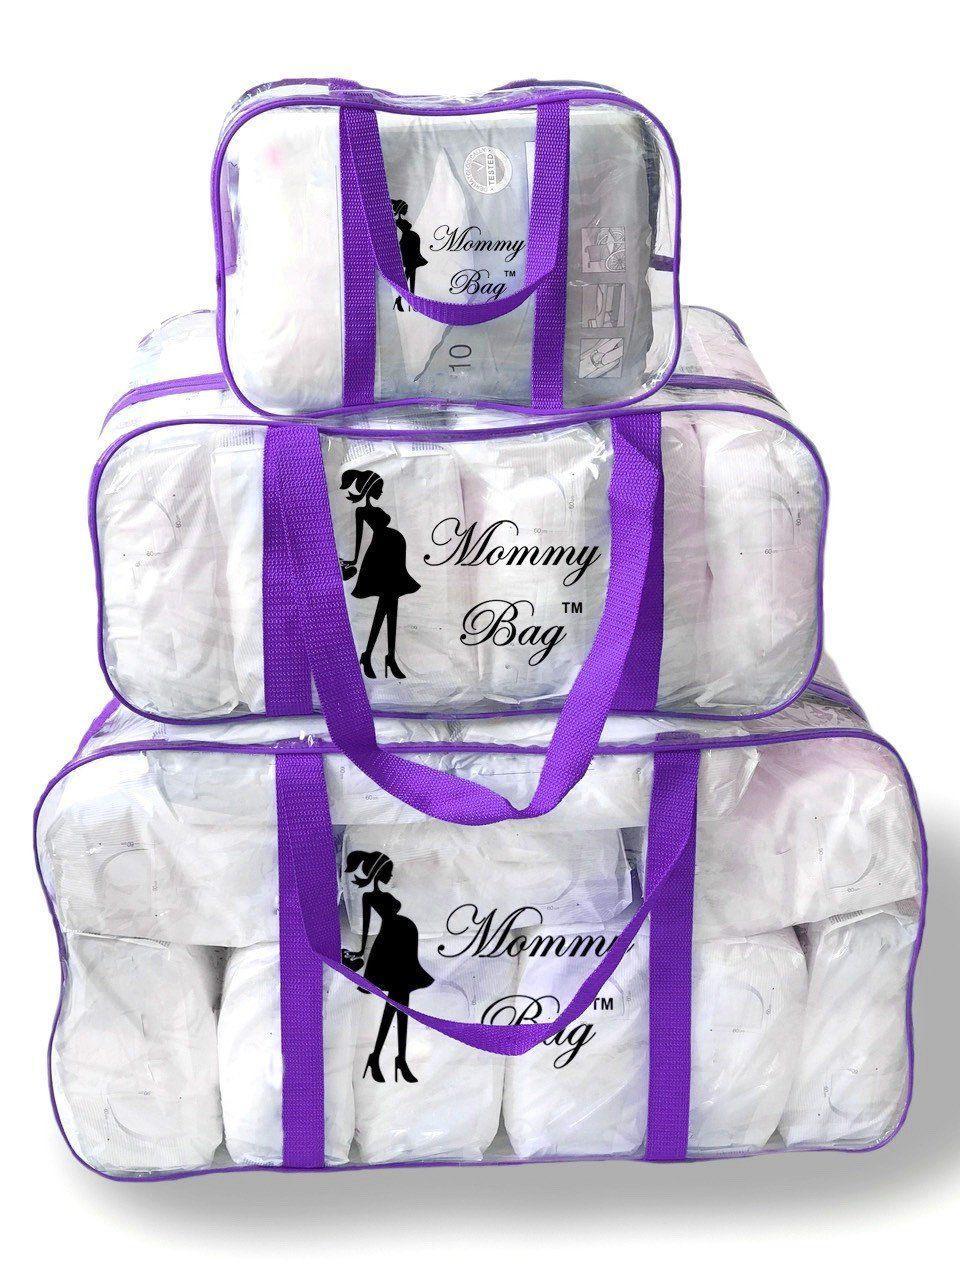 Набор из прозрачных сумок в роддом Mommy Bag, размеры - S, L, XL, цвет - Фиолетовый